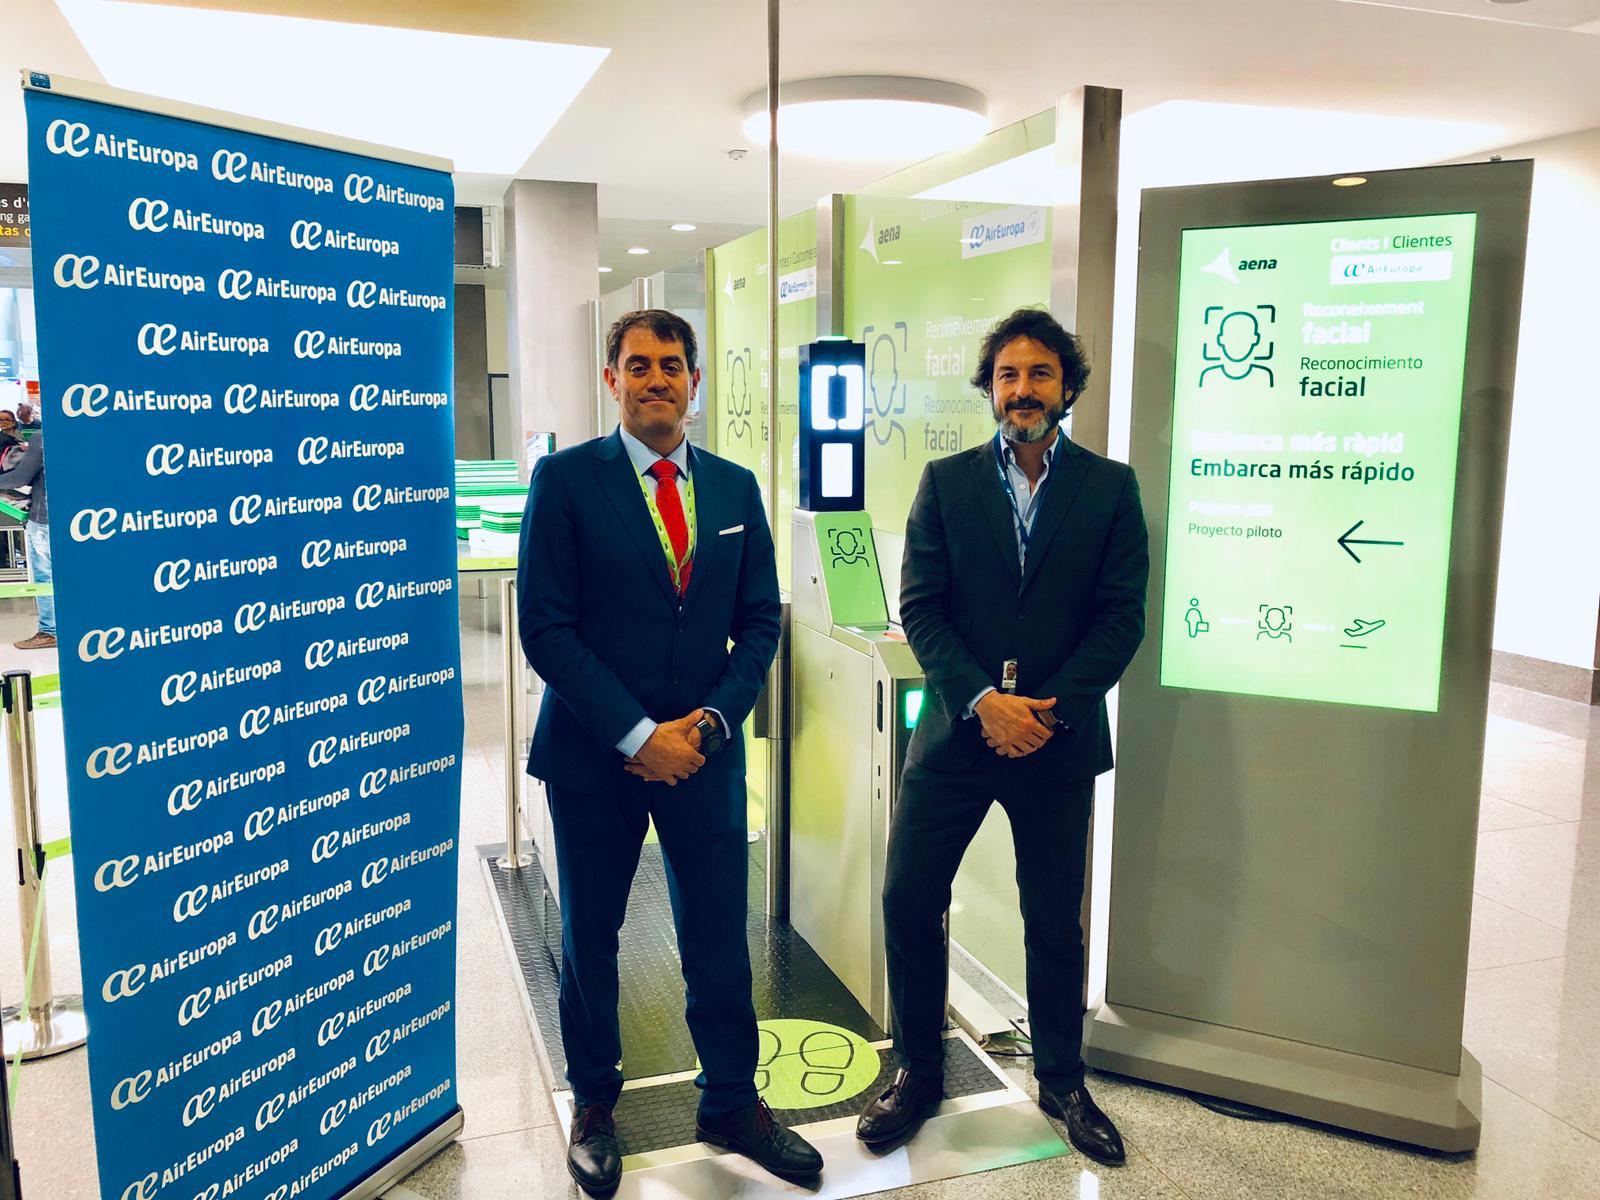 Air Europa pionero en el proyecto de reconocimiento facial